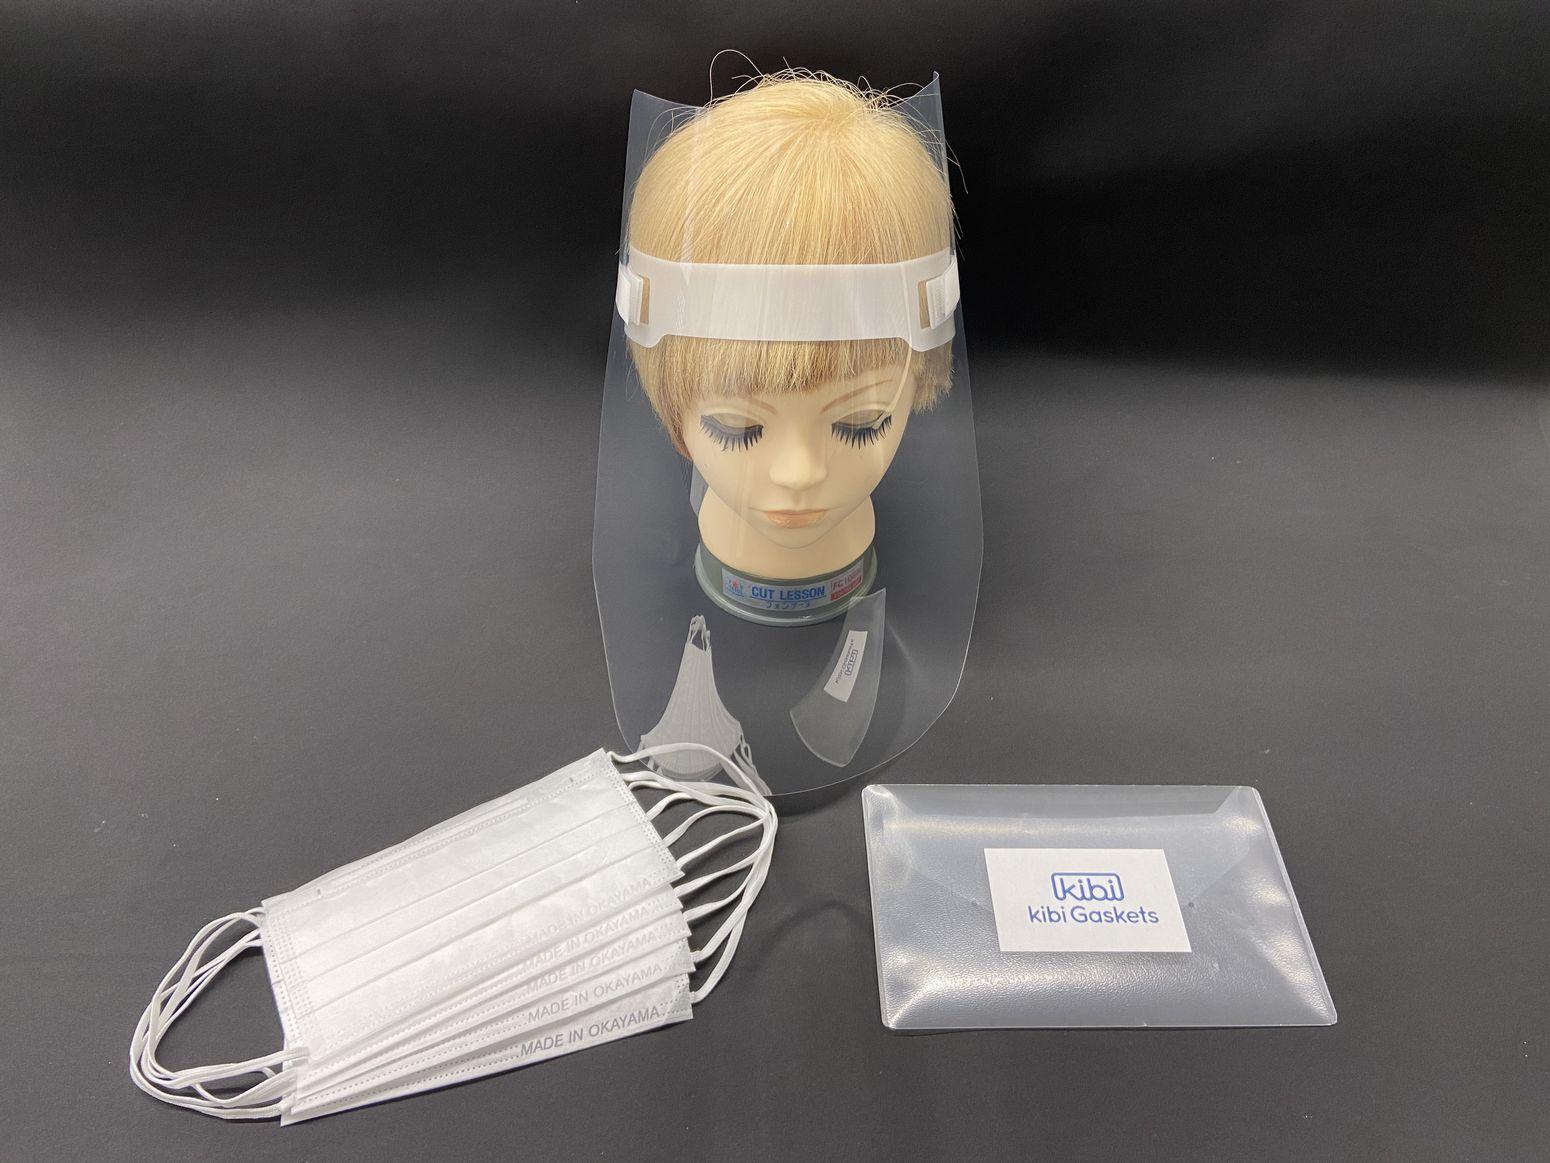 フェイスシールドセット<br />固定式フェイスシールド & フェイスマスク5枚 & マスクケース